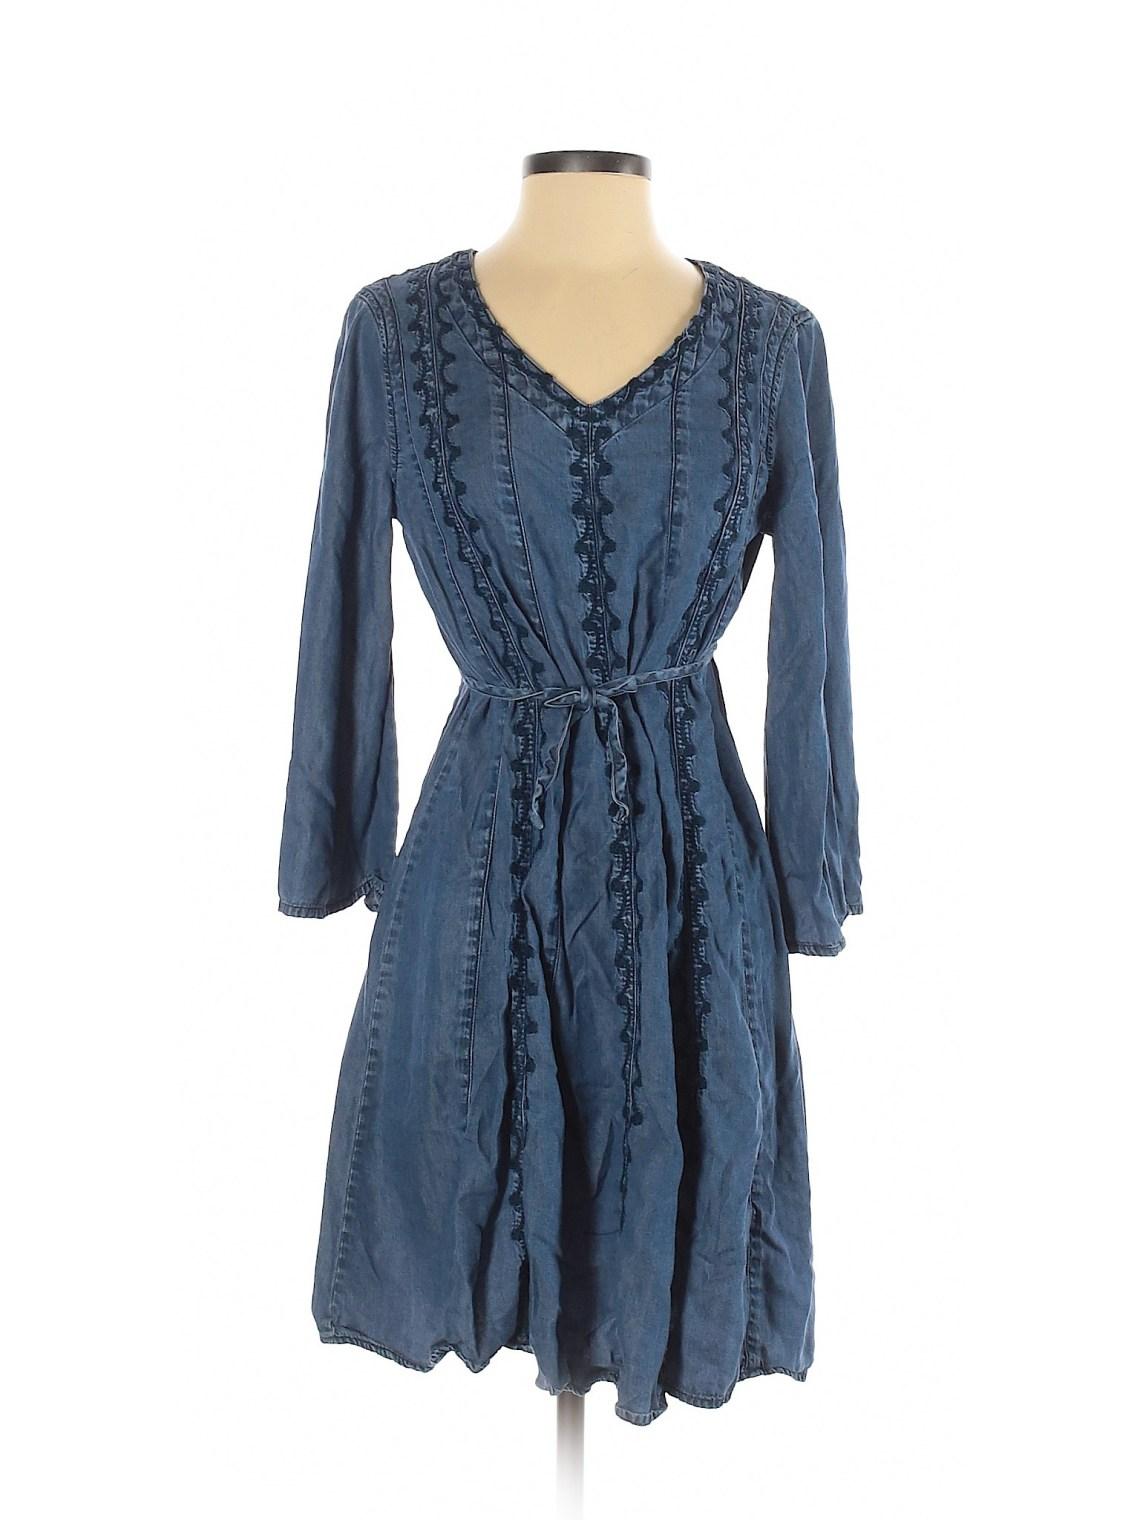 C. Wonder Women Blue Casual Dress S | eBay